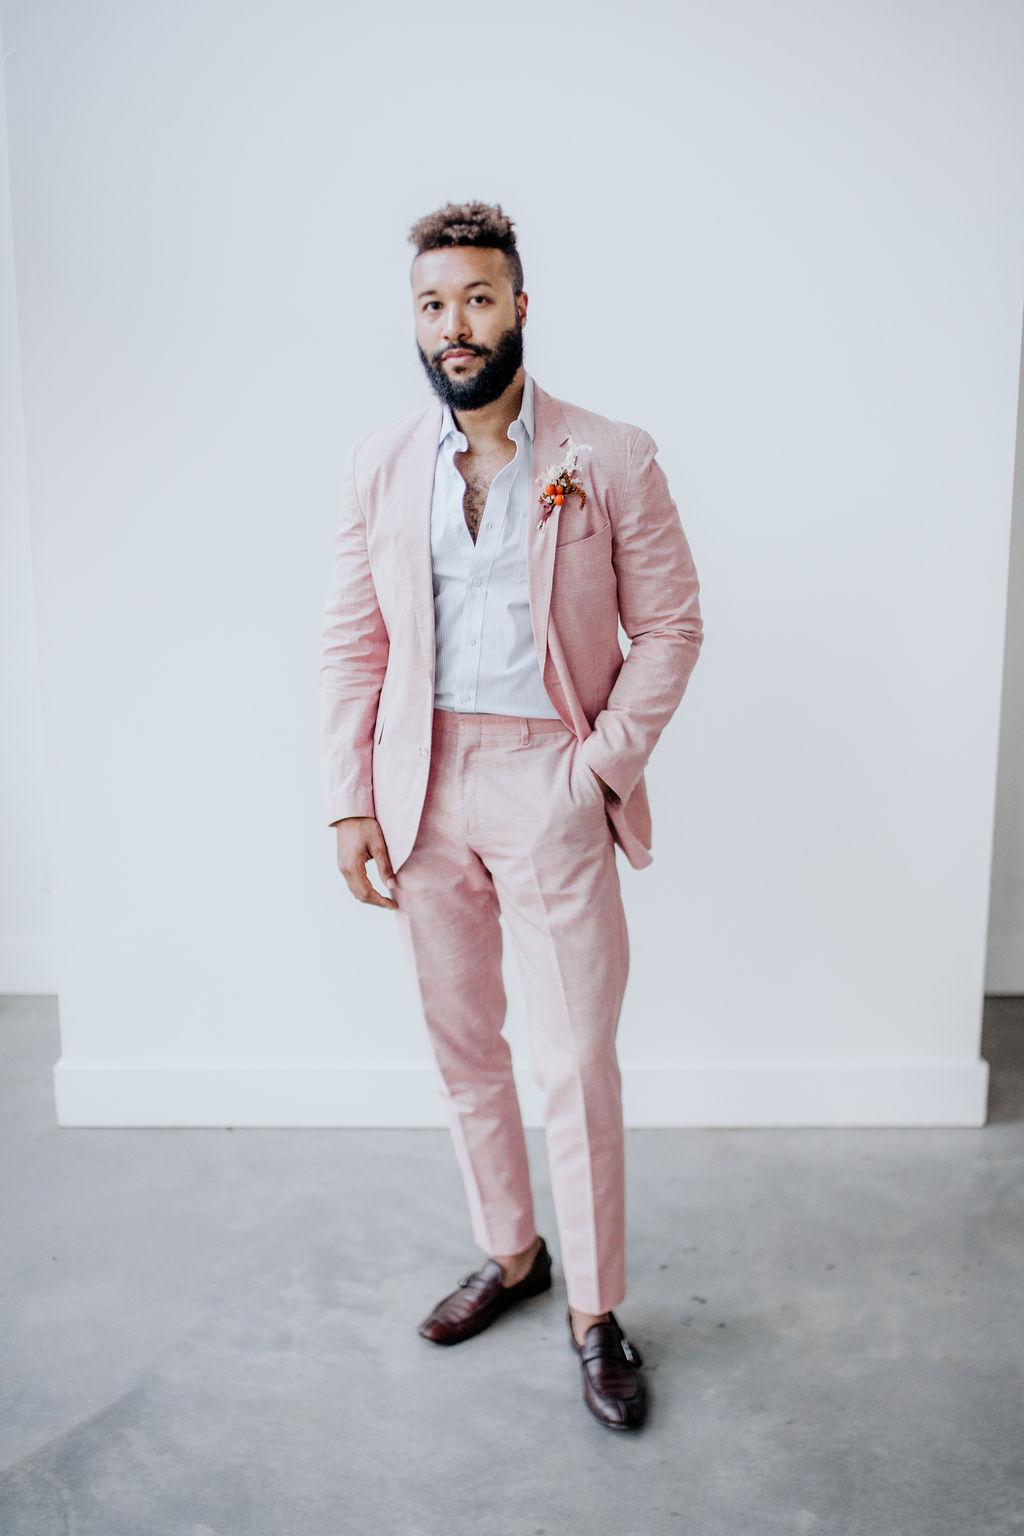 Blush Pink wedding suit